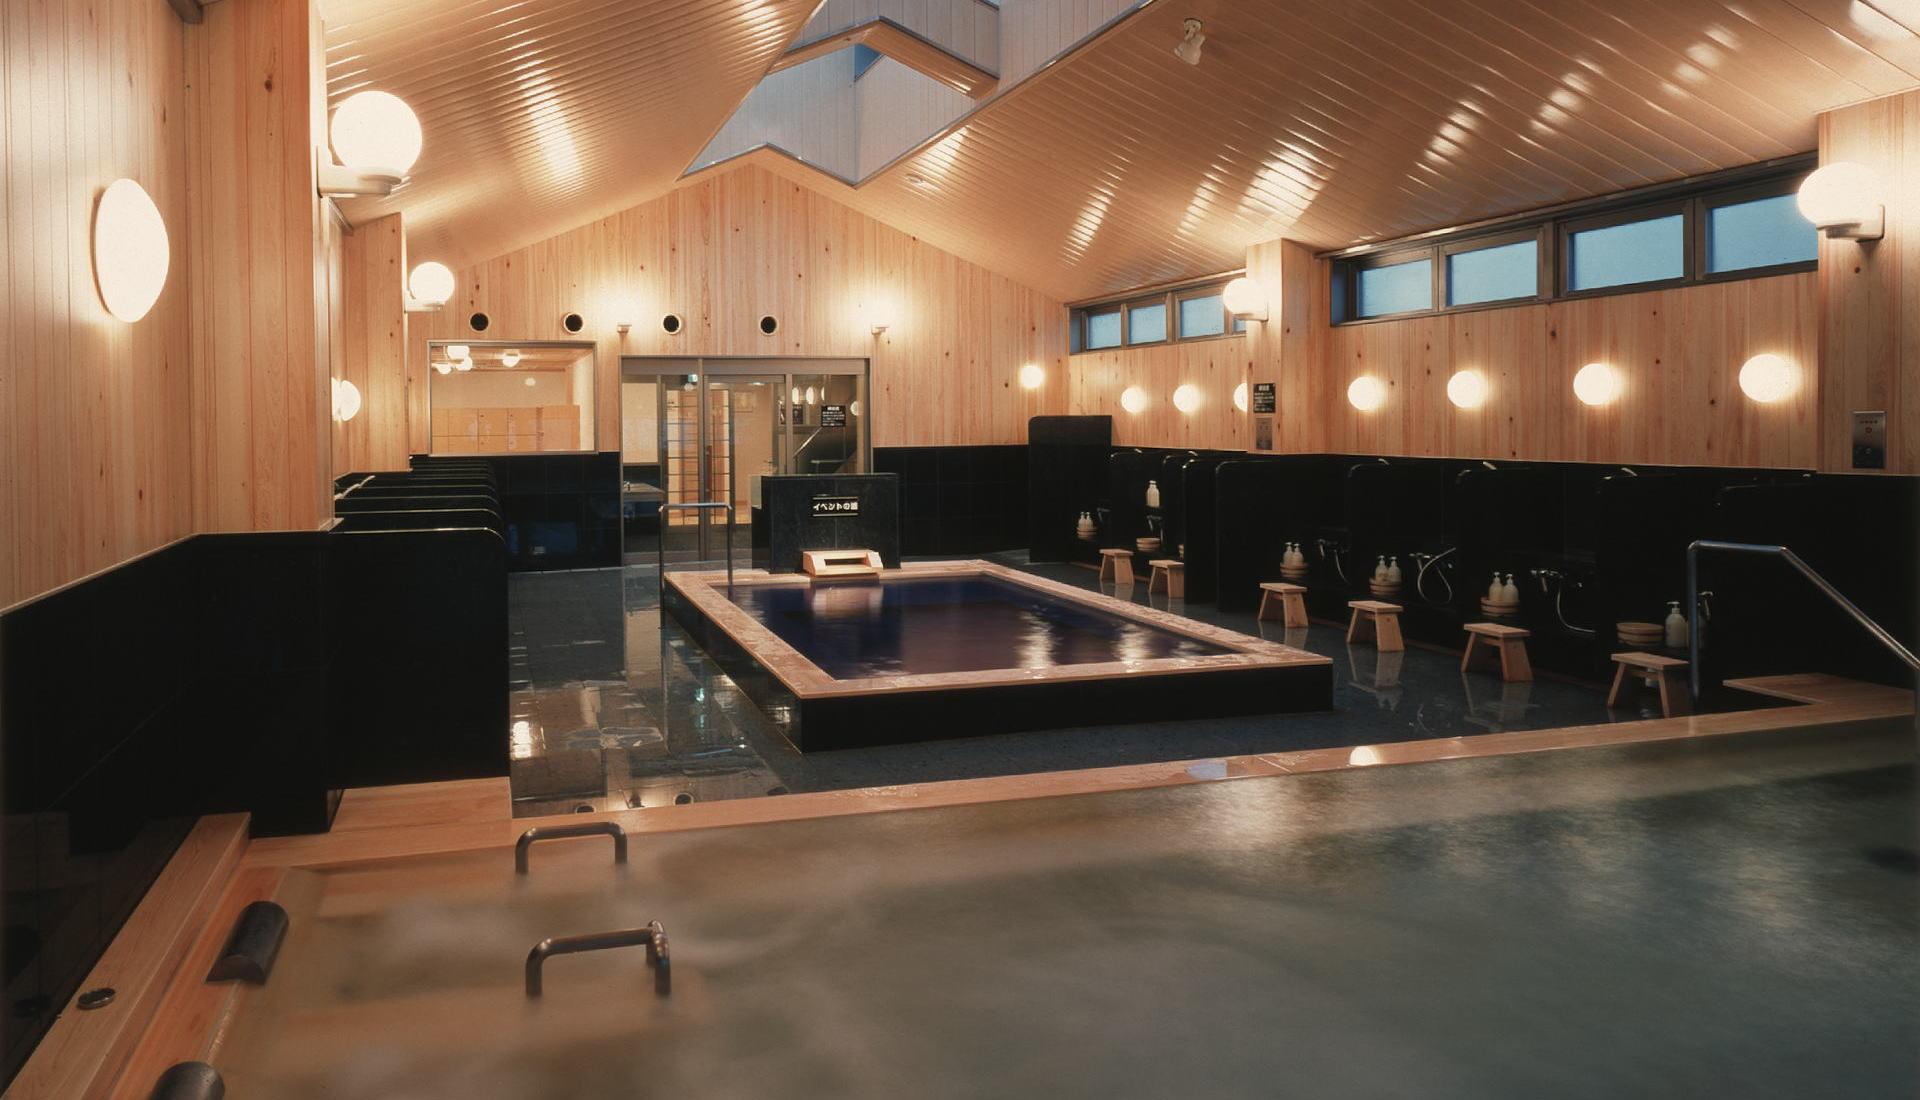 京都市内旅馆 最好的浴场设施